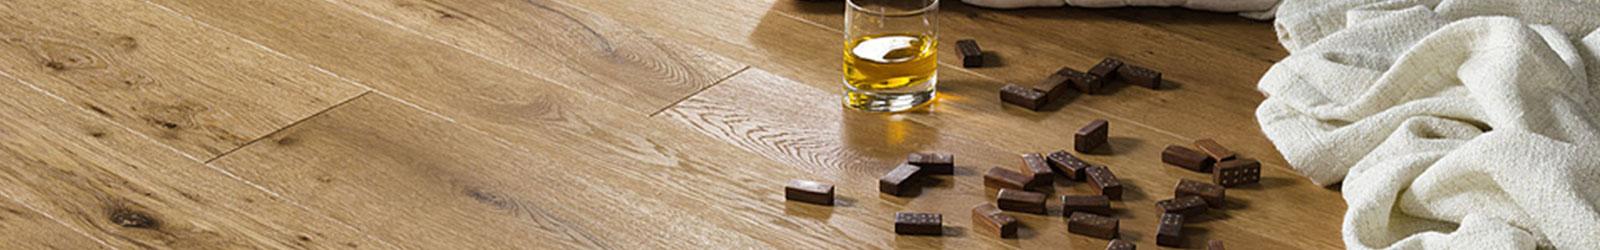 Vendita pavimenti in legno asti for Arredo bagno asti